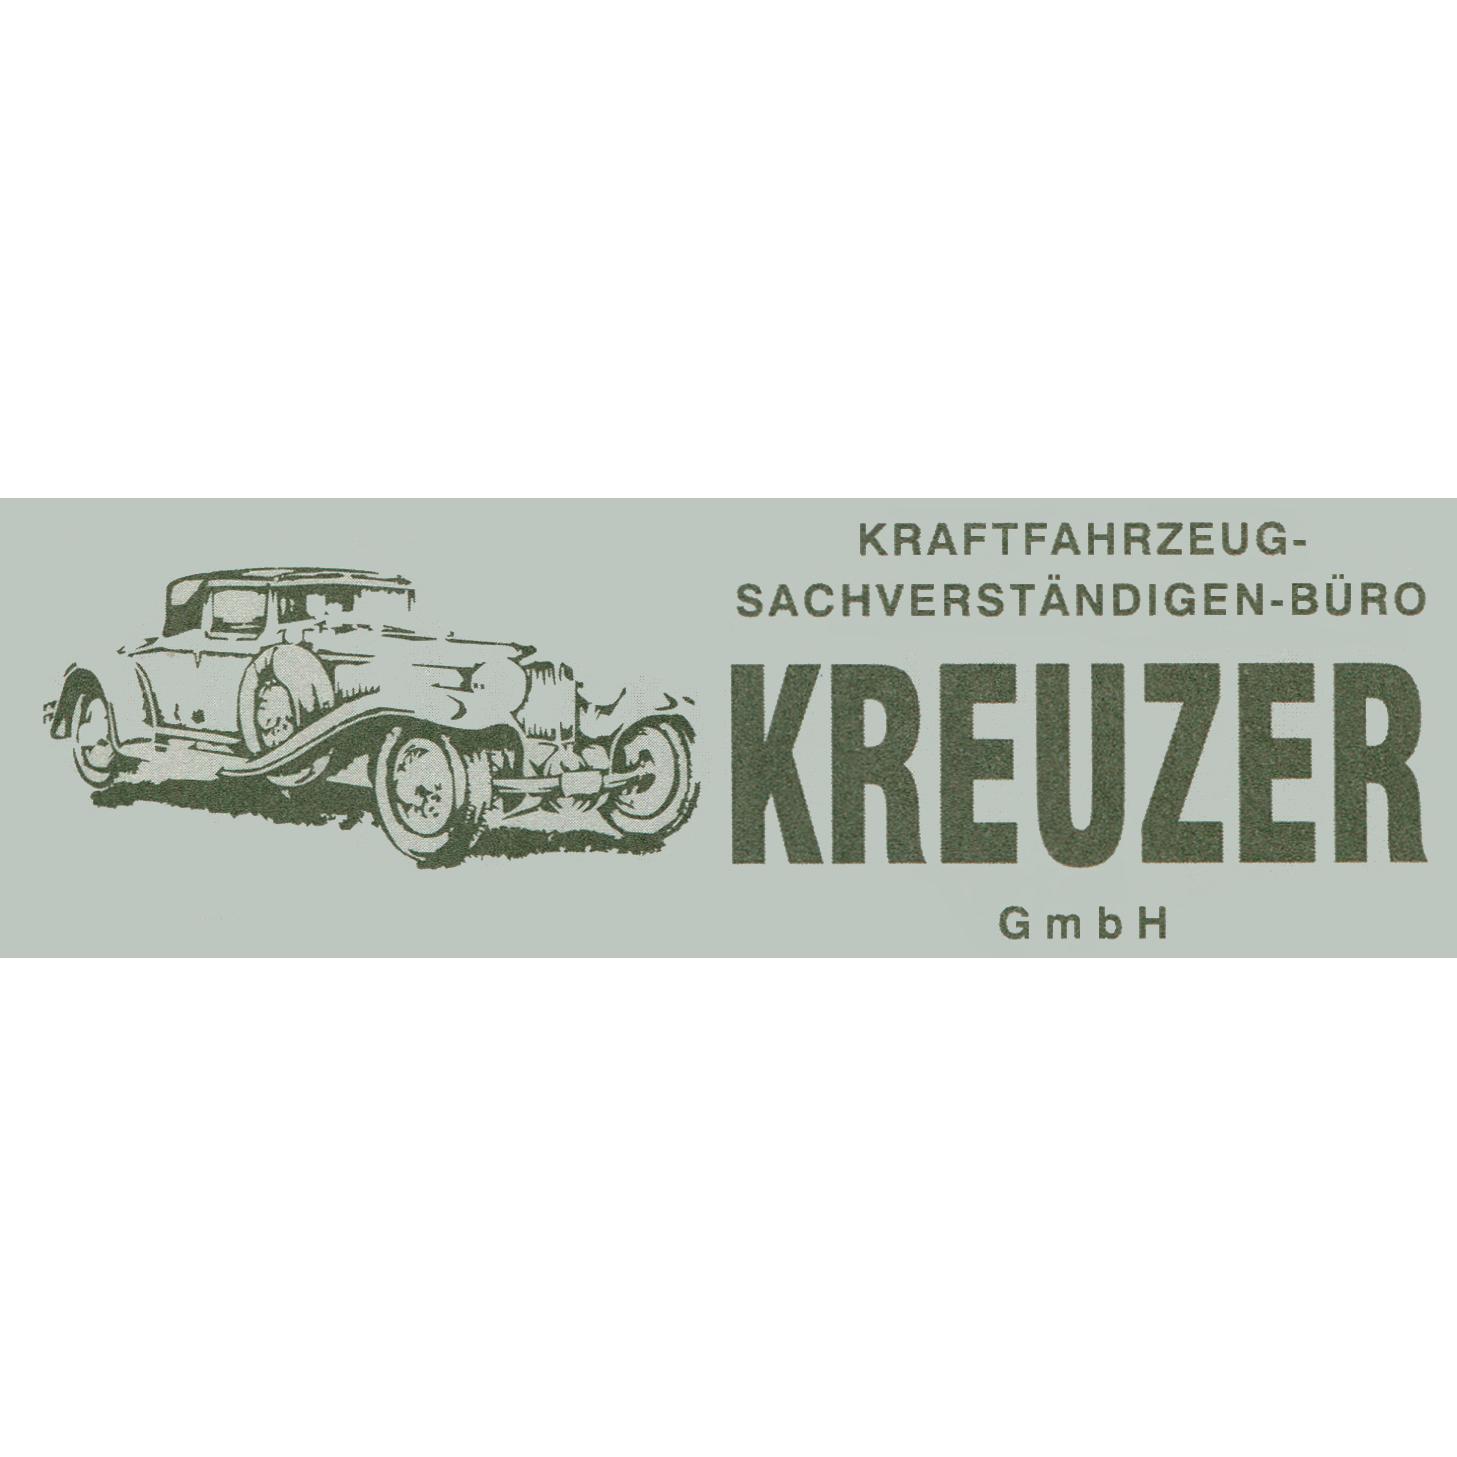 Bild zu Kreuzer GmbH Kraftfahrzeug-Sachverständigen-Büro in Miltenberg